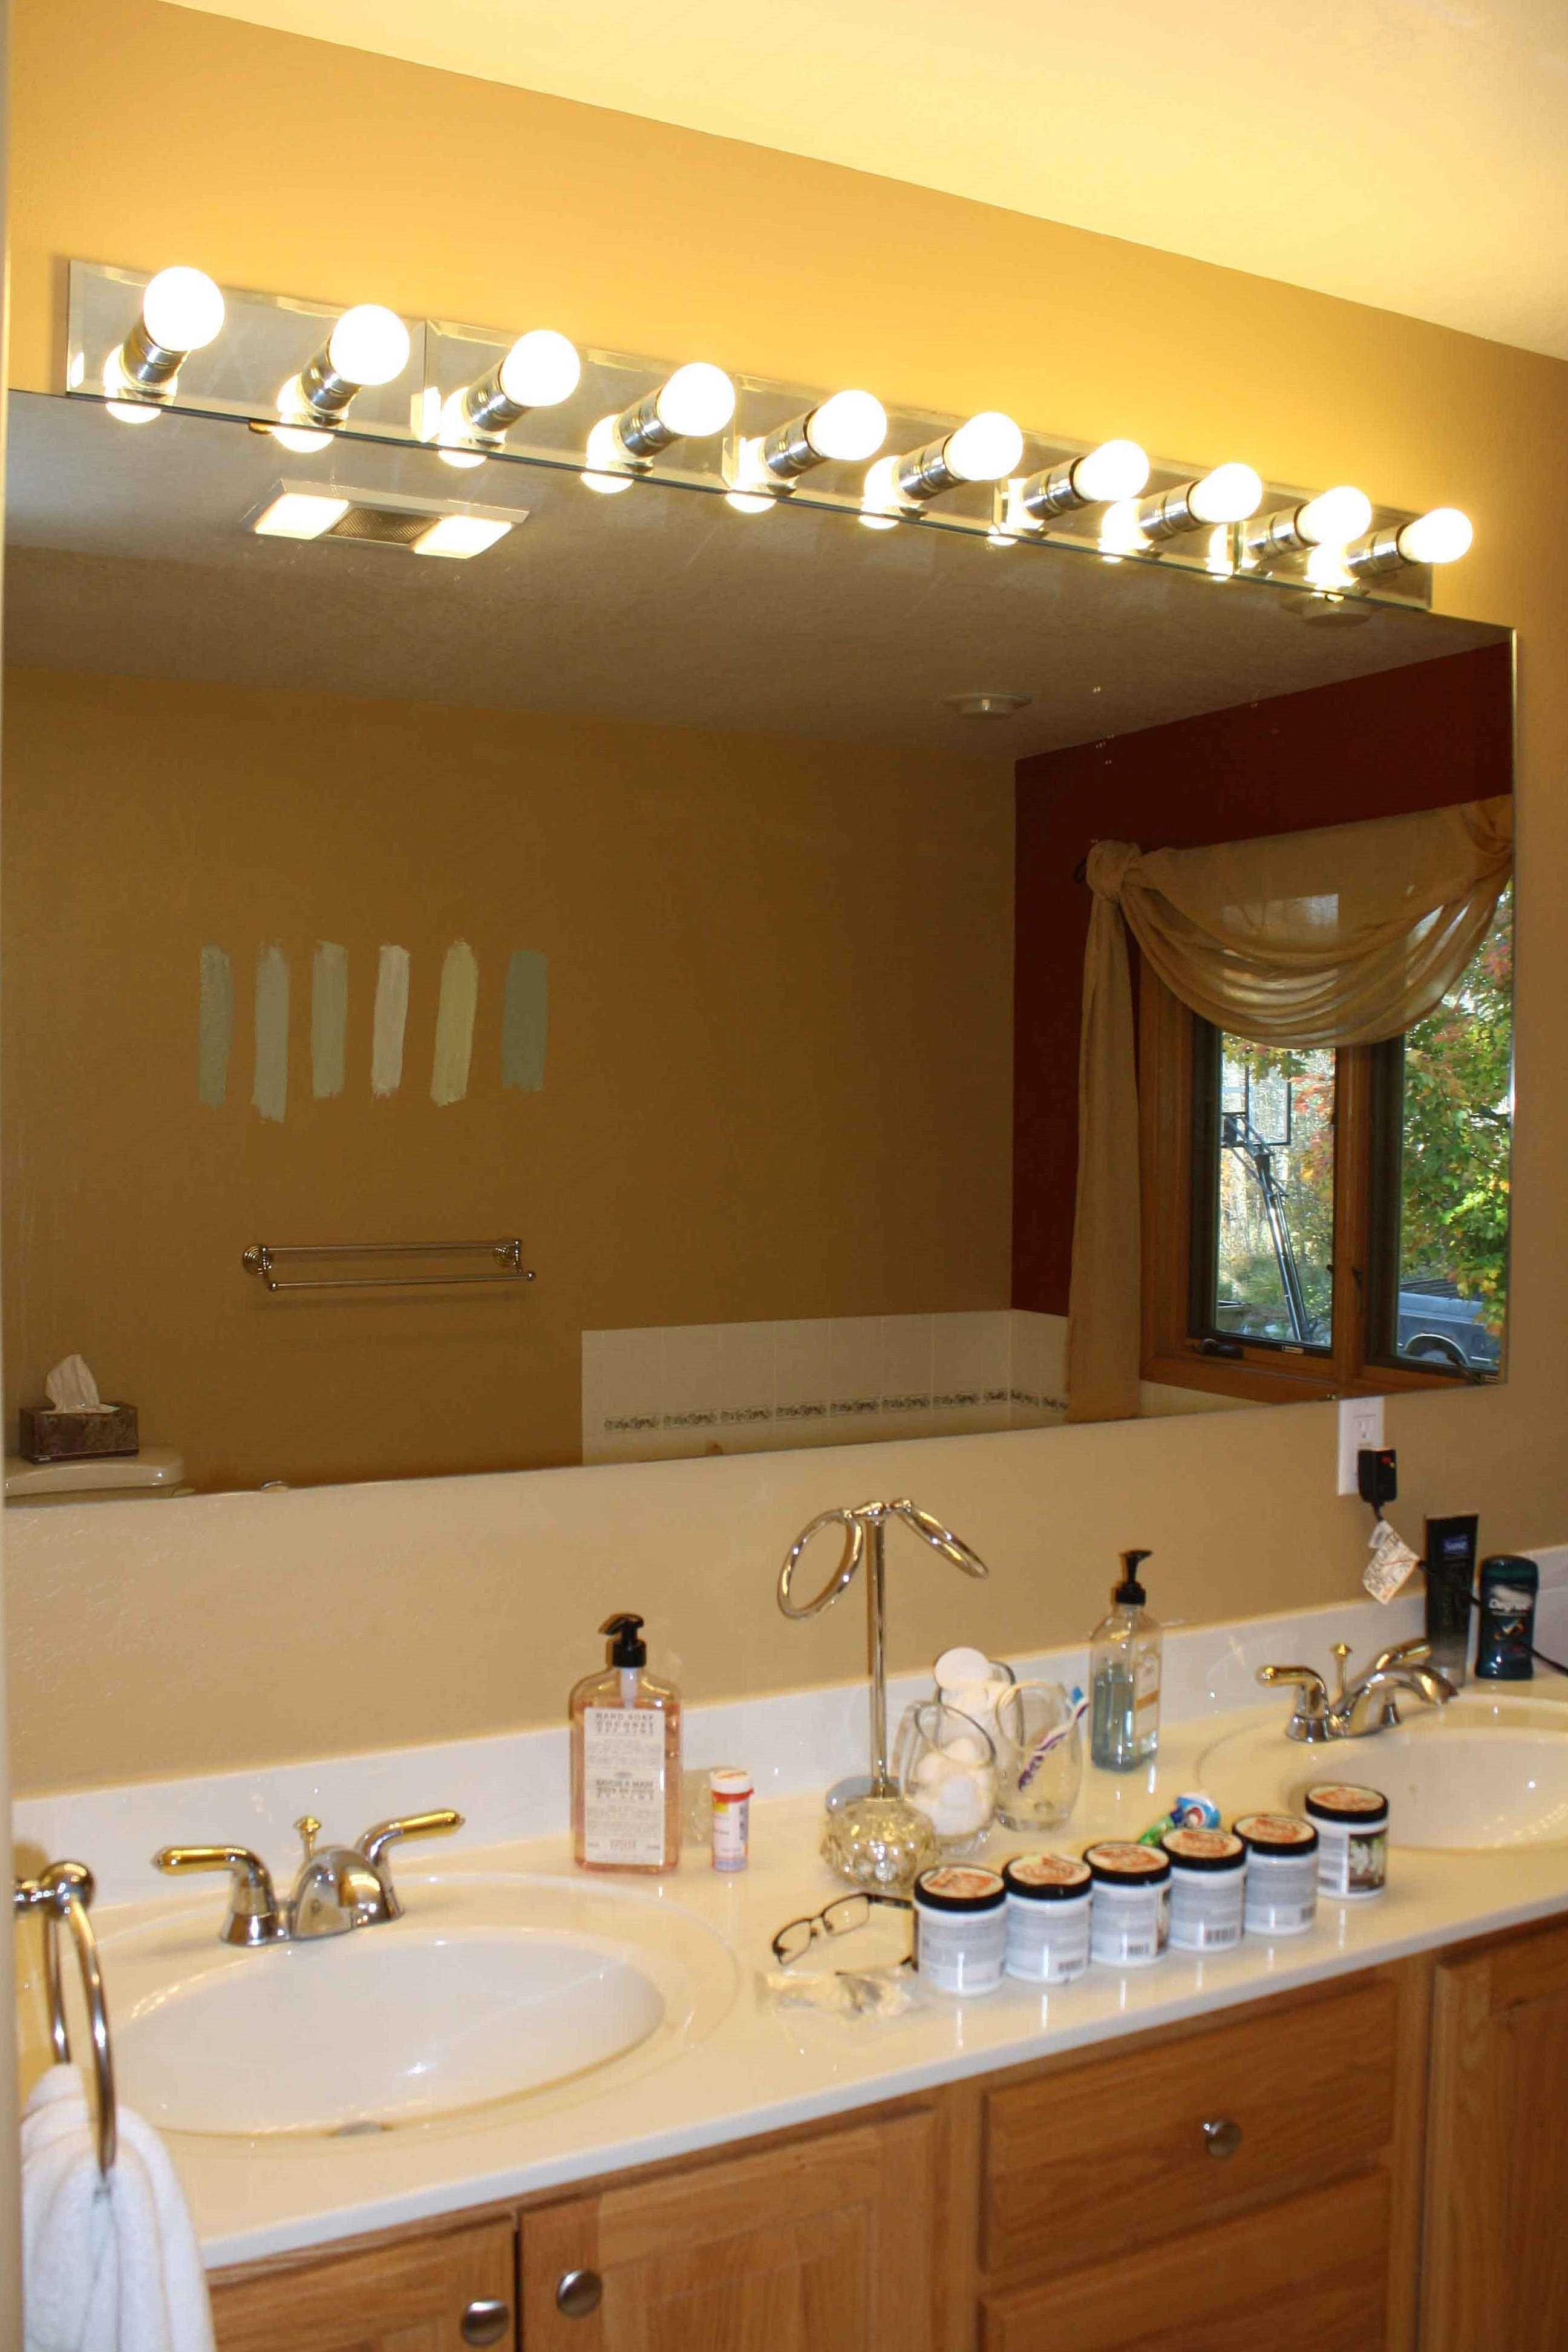 24 luxury vanity mirror with lights ideas  bathroom light